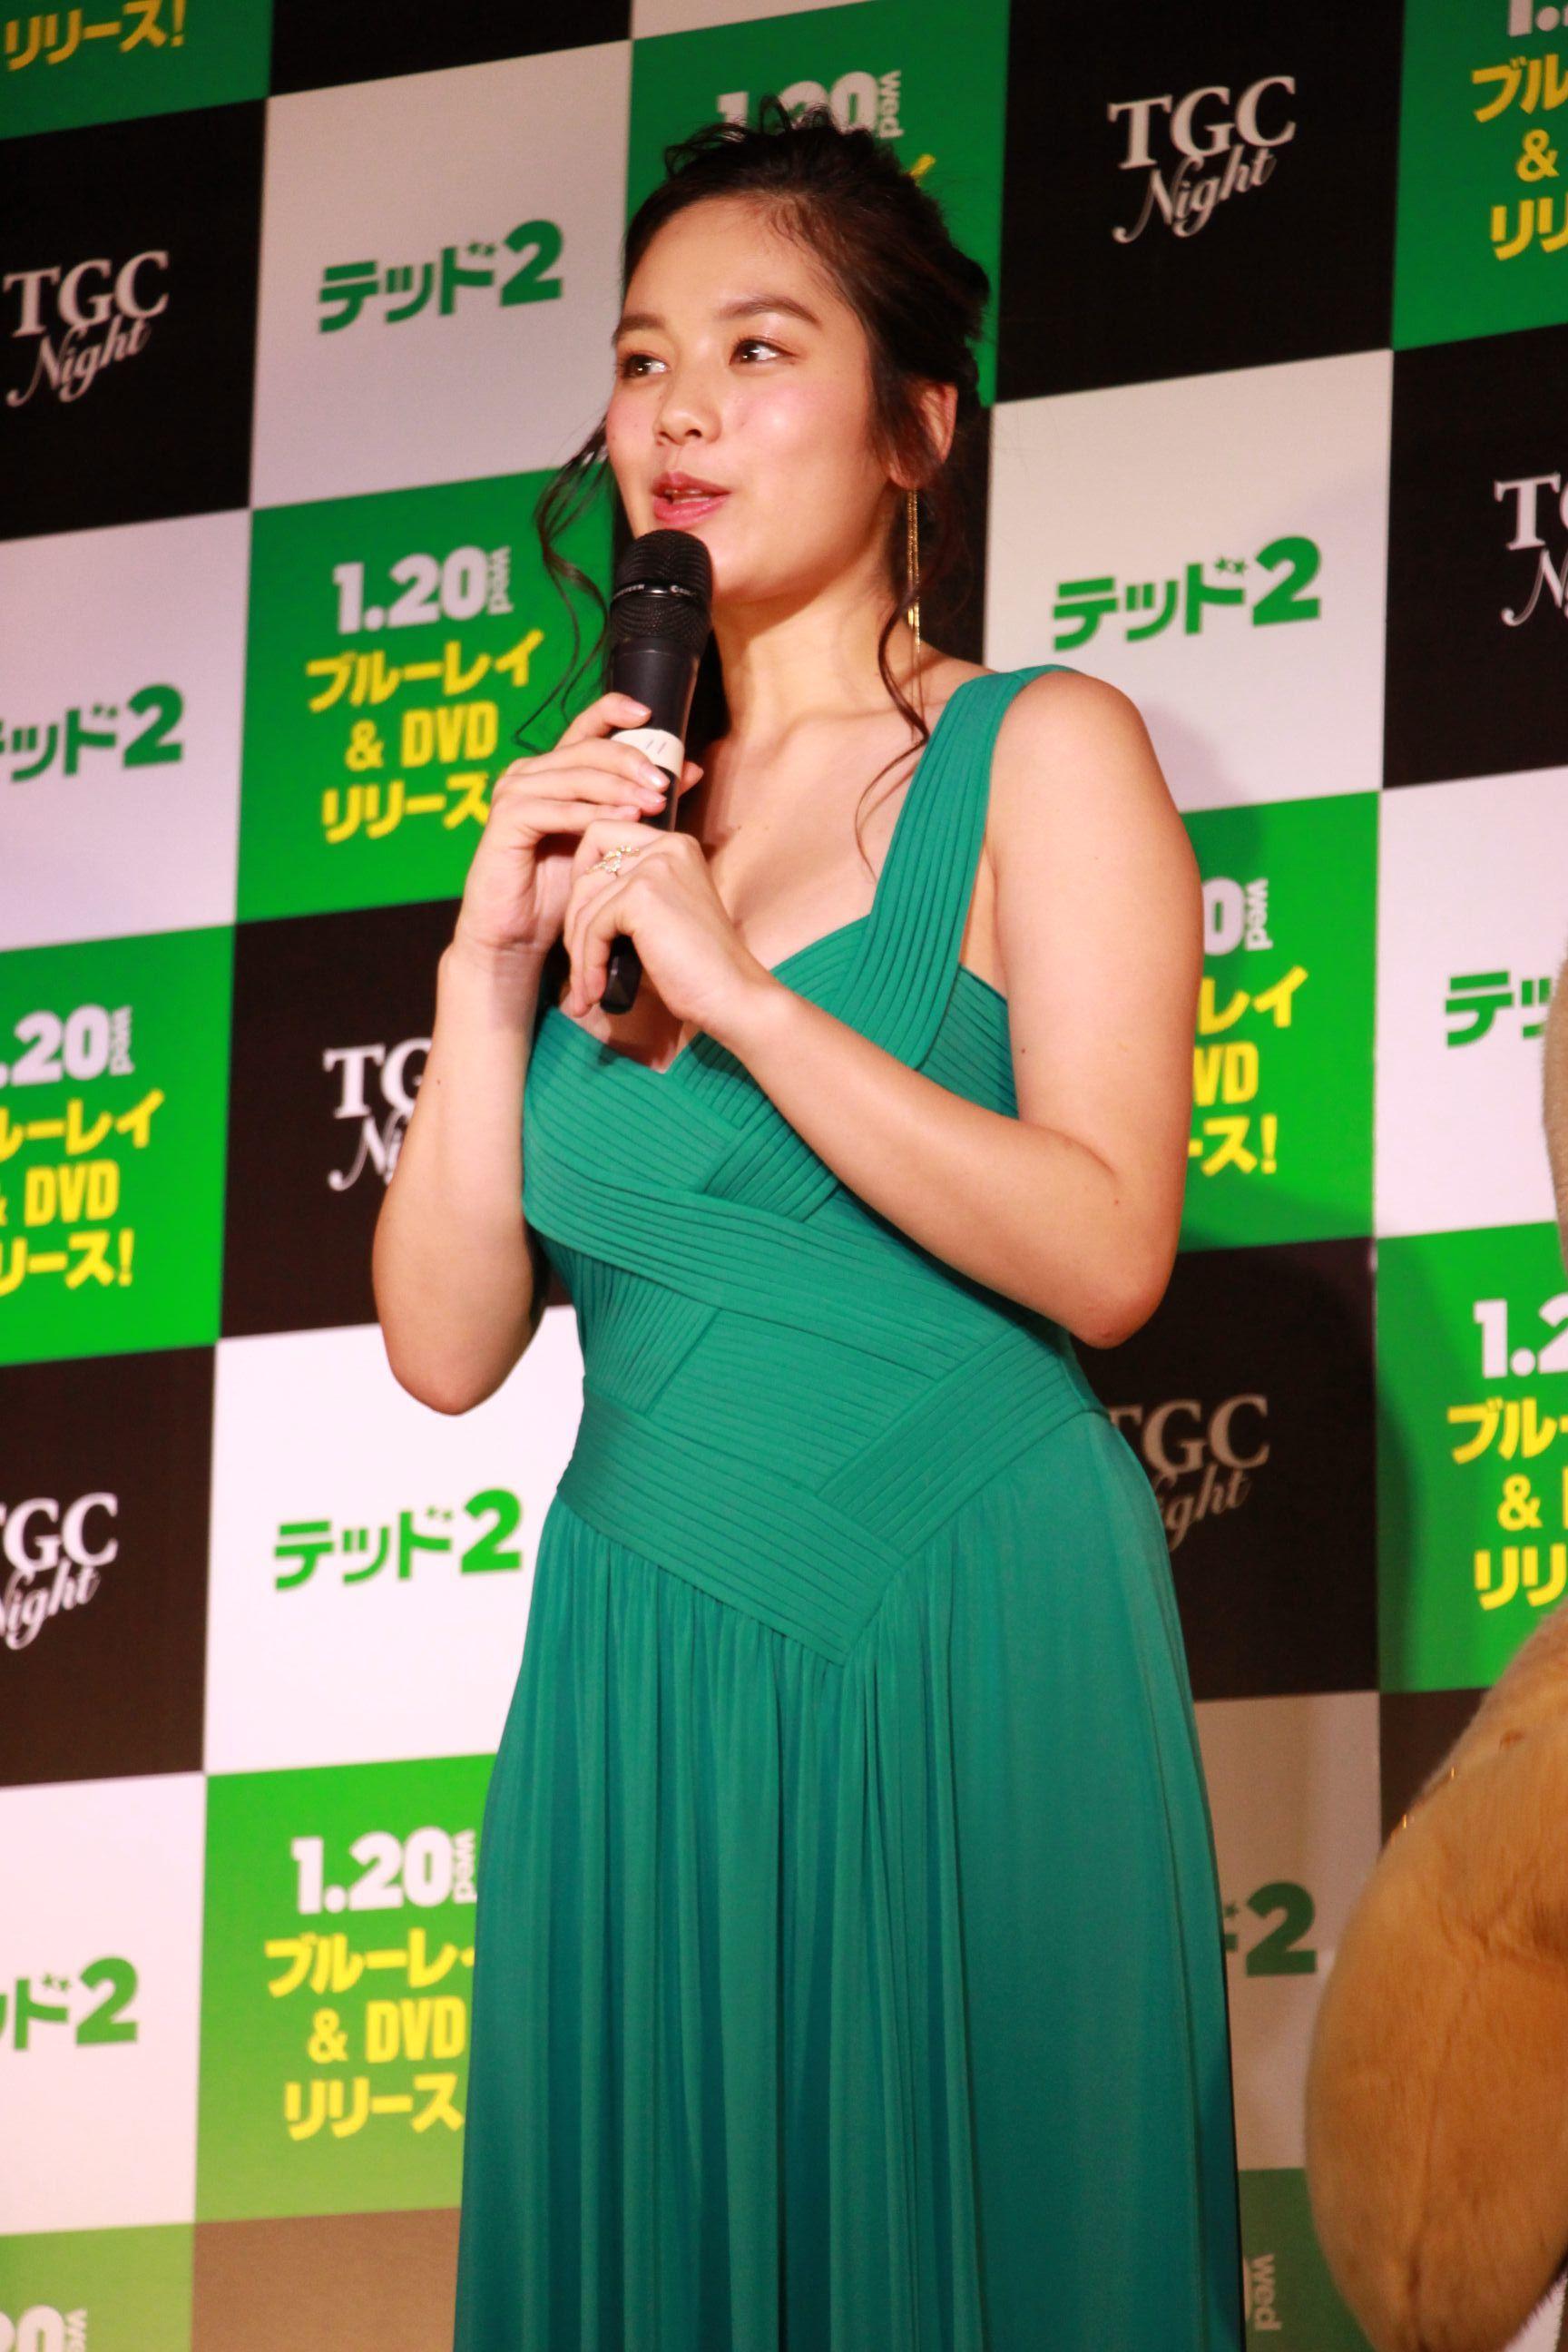 永野 (お笑い芸人)の画像 p1_15